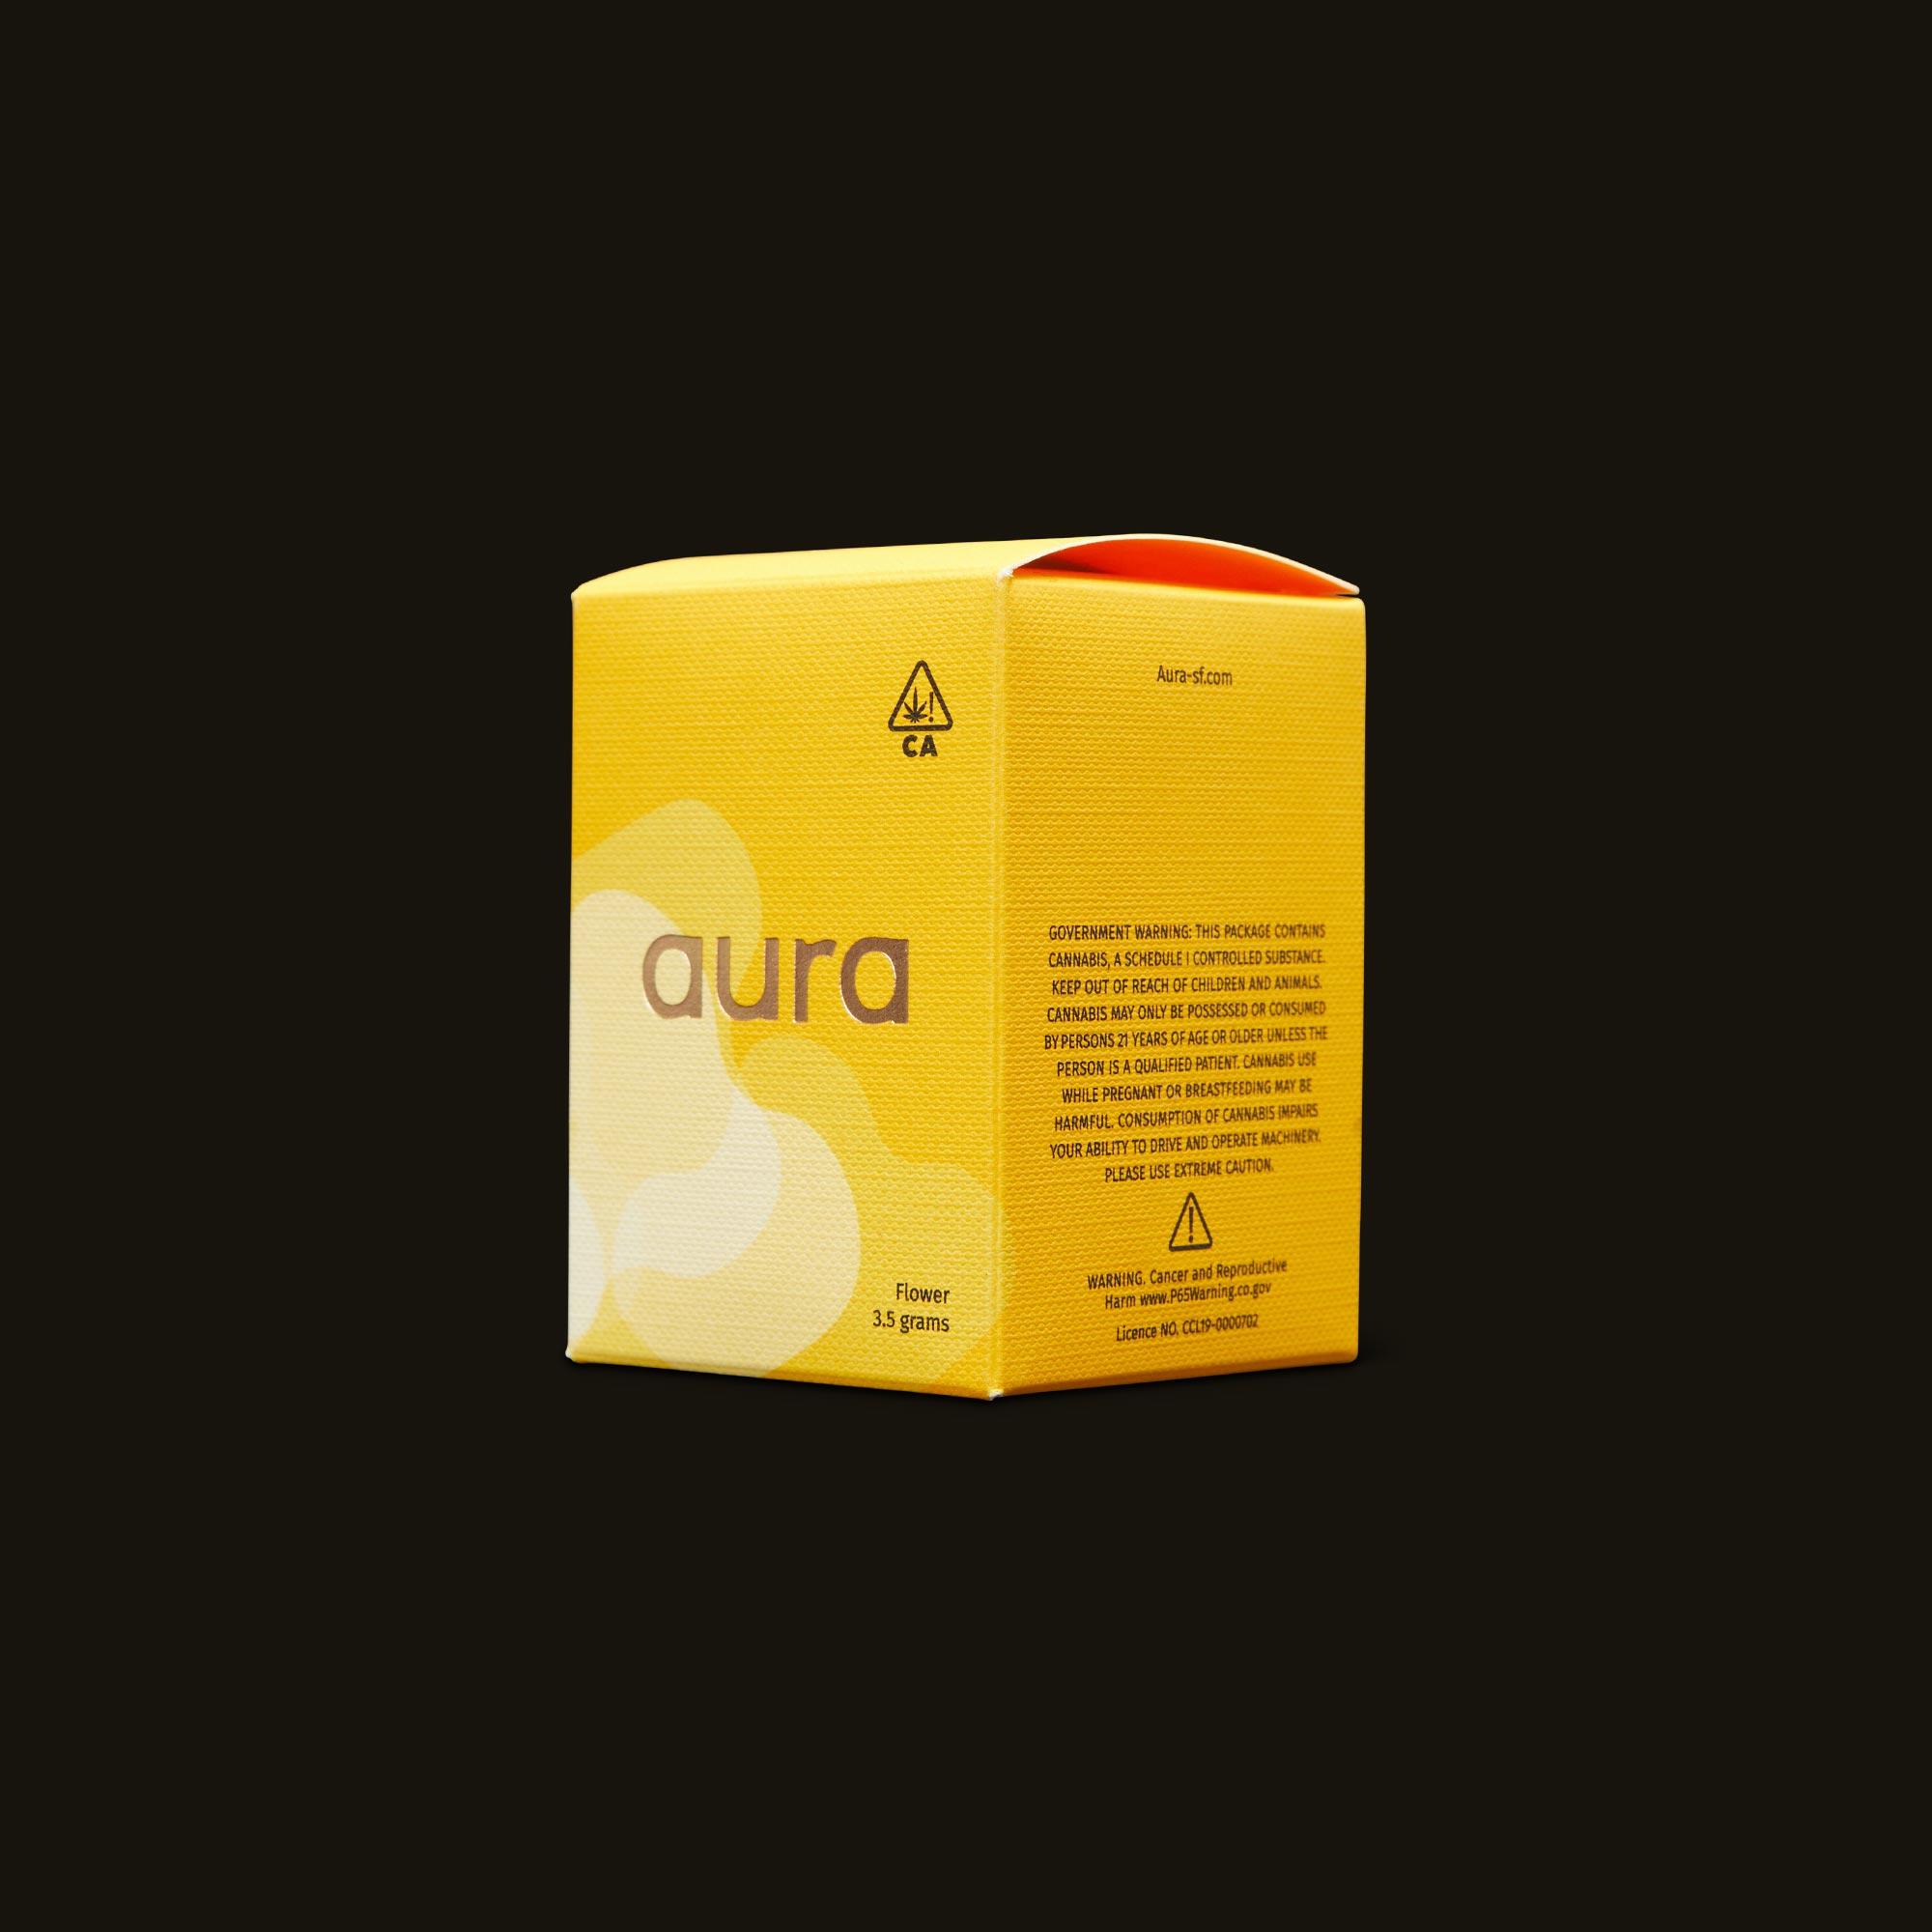 Aura Roar Side Box